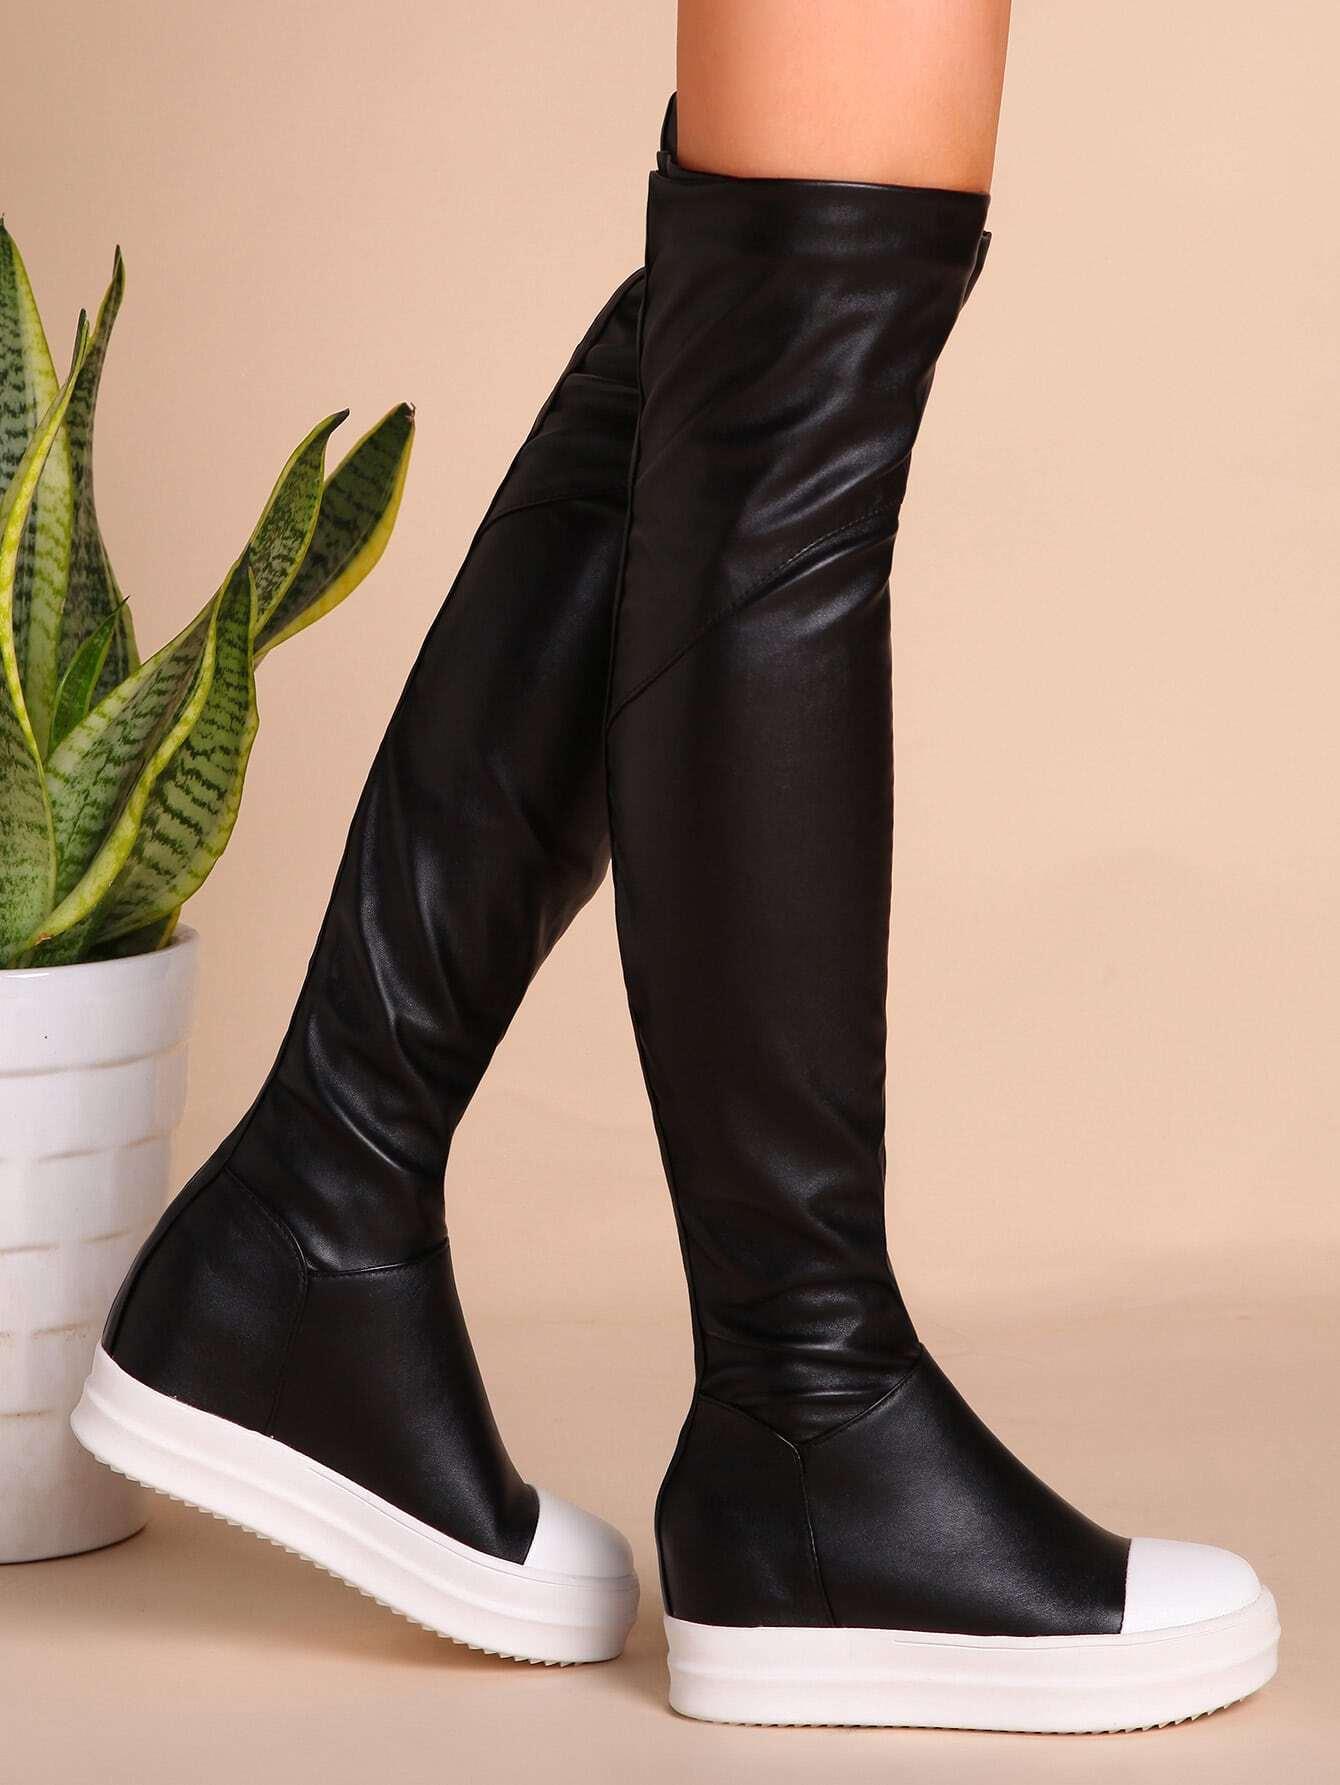 shoes161018805_2